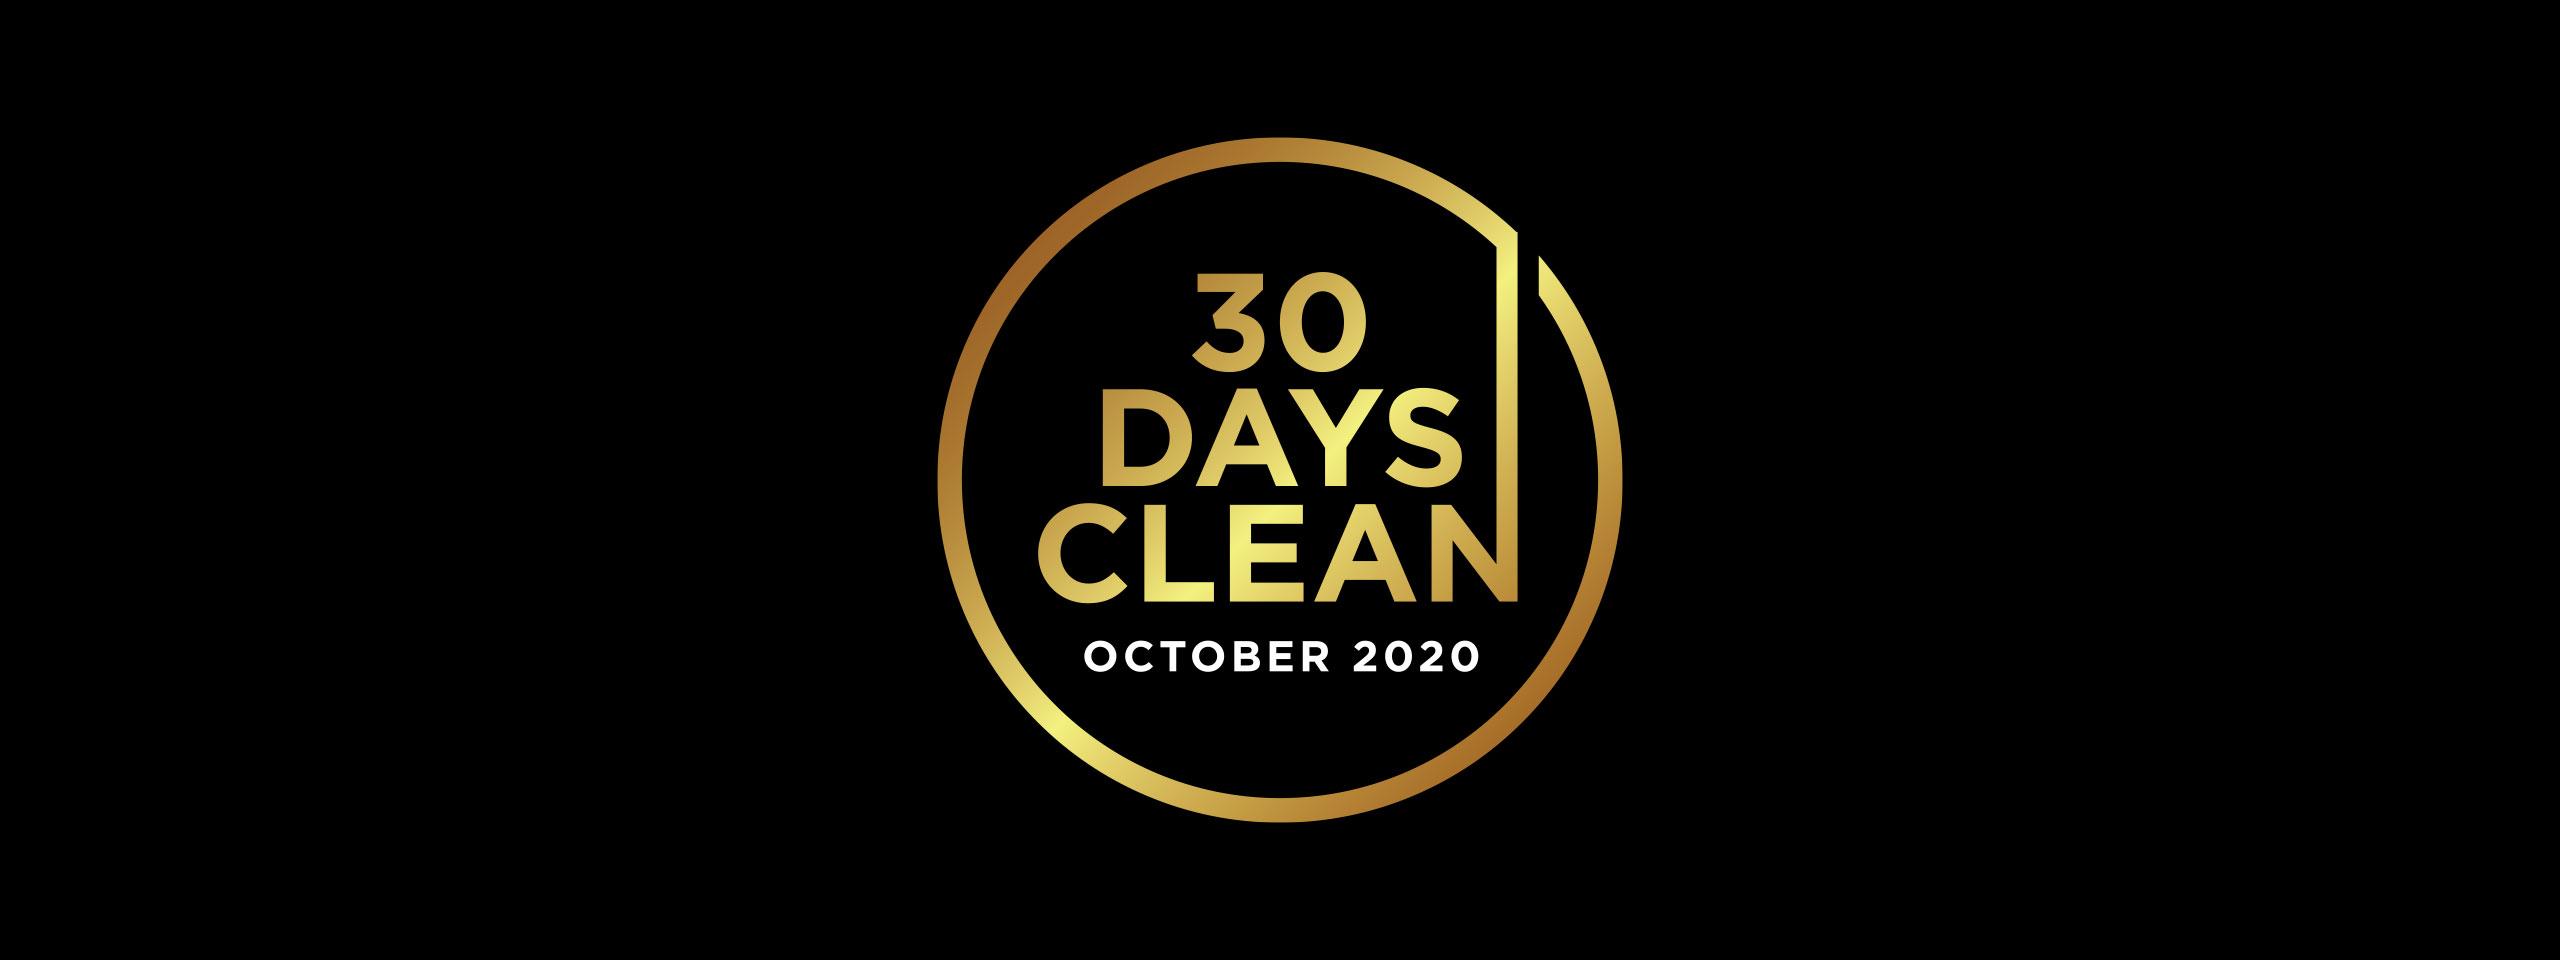 30 Days Clean